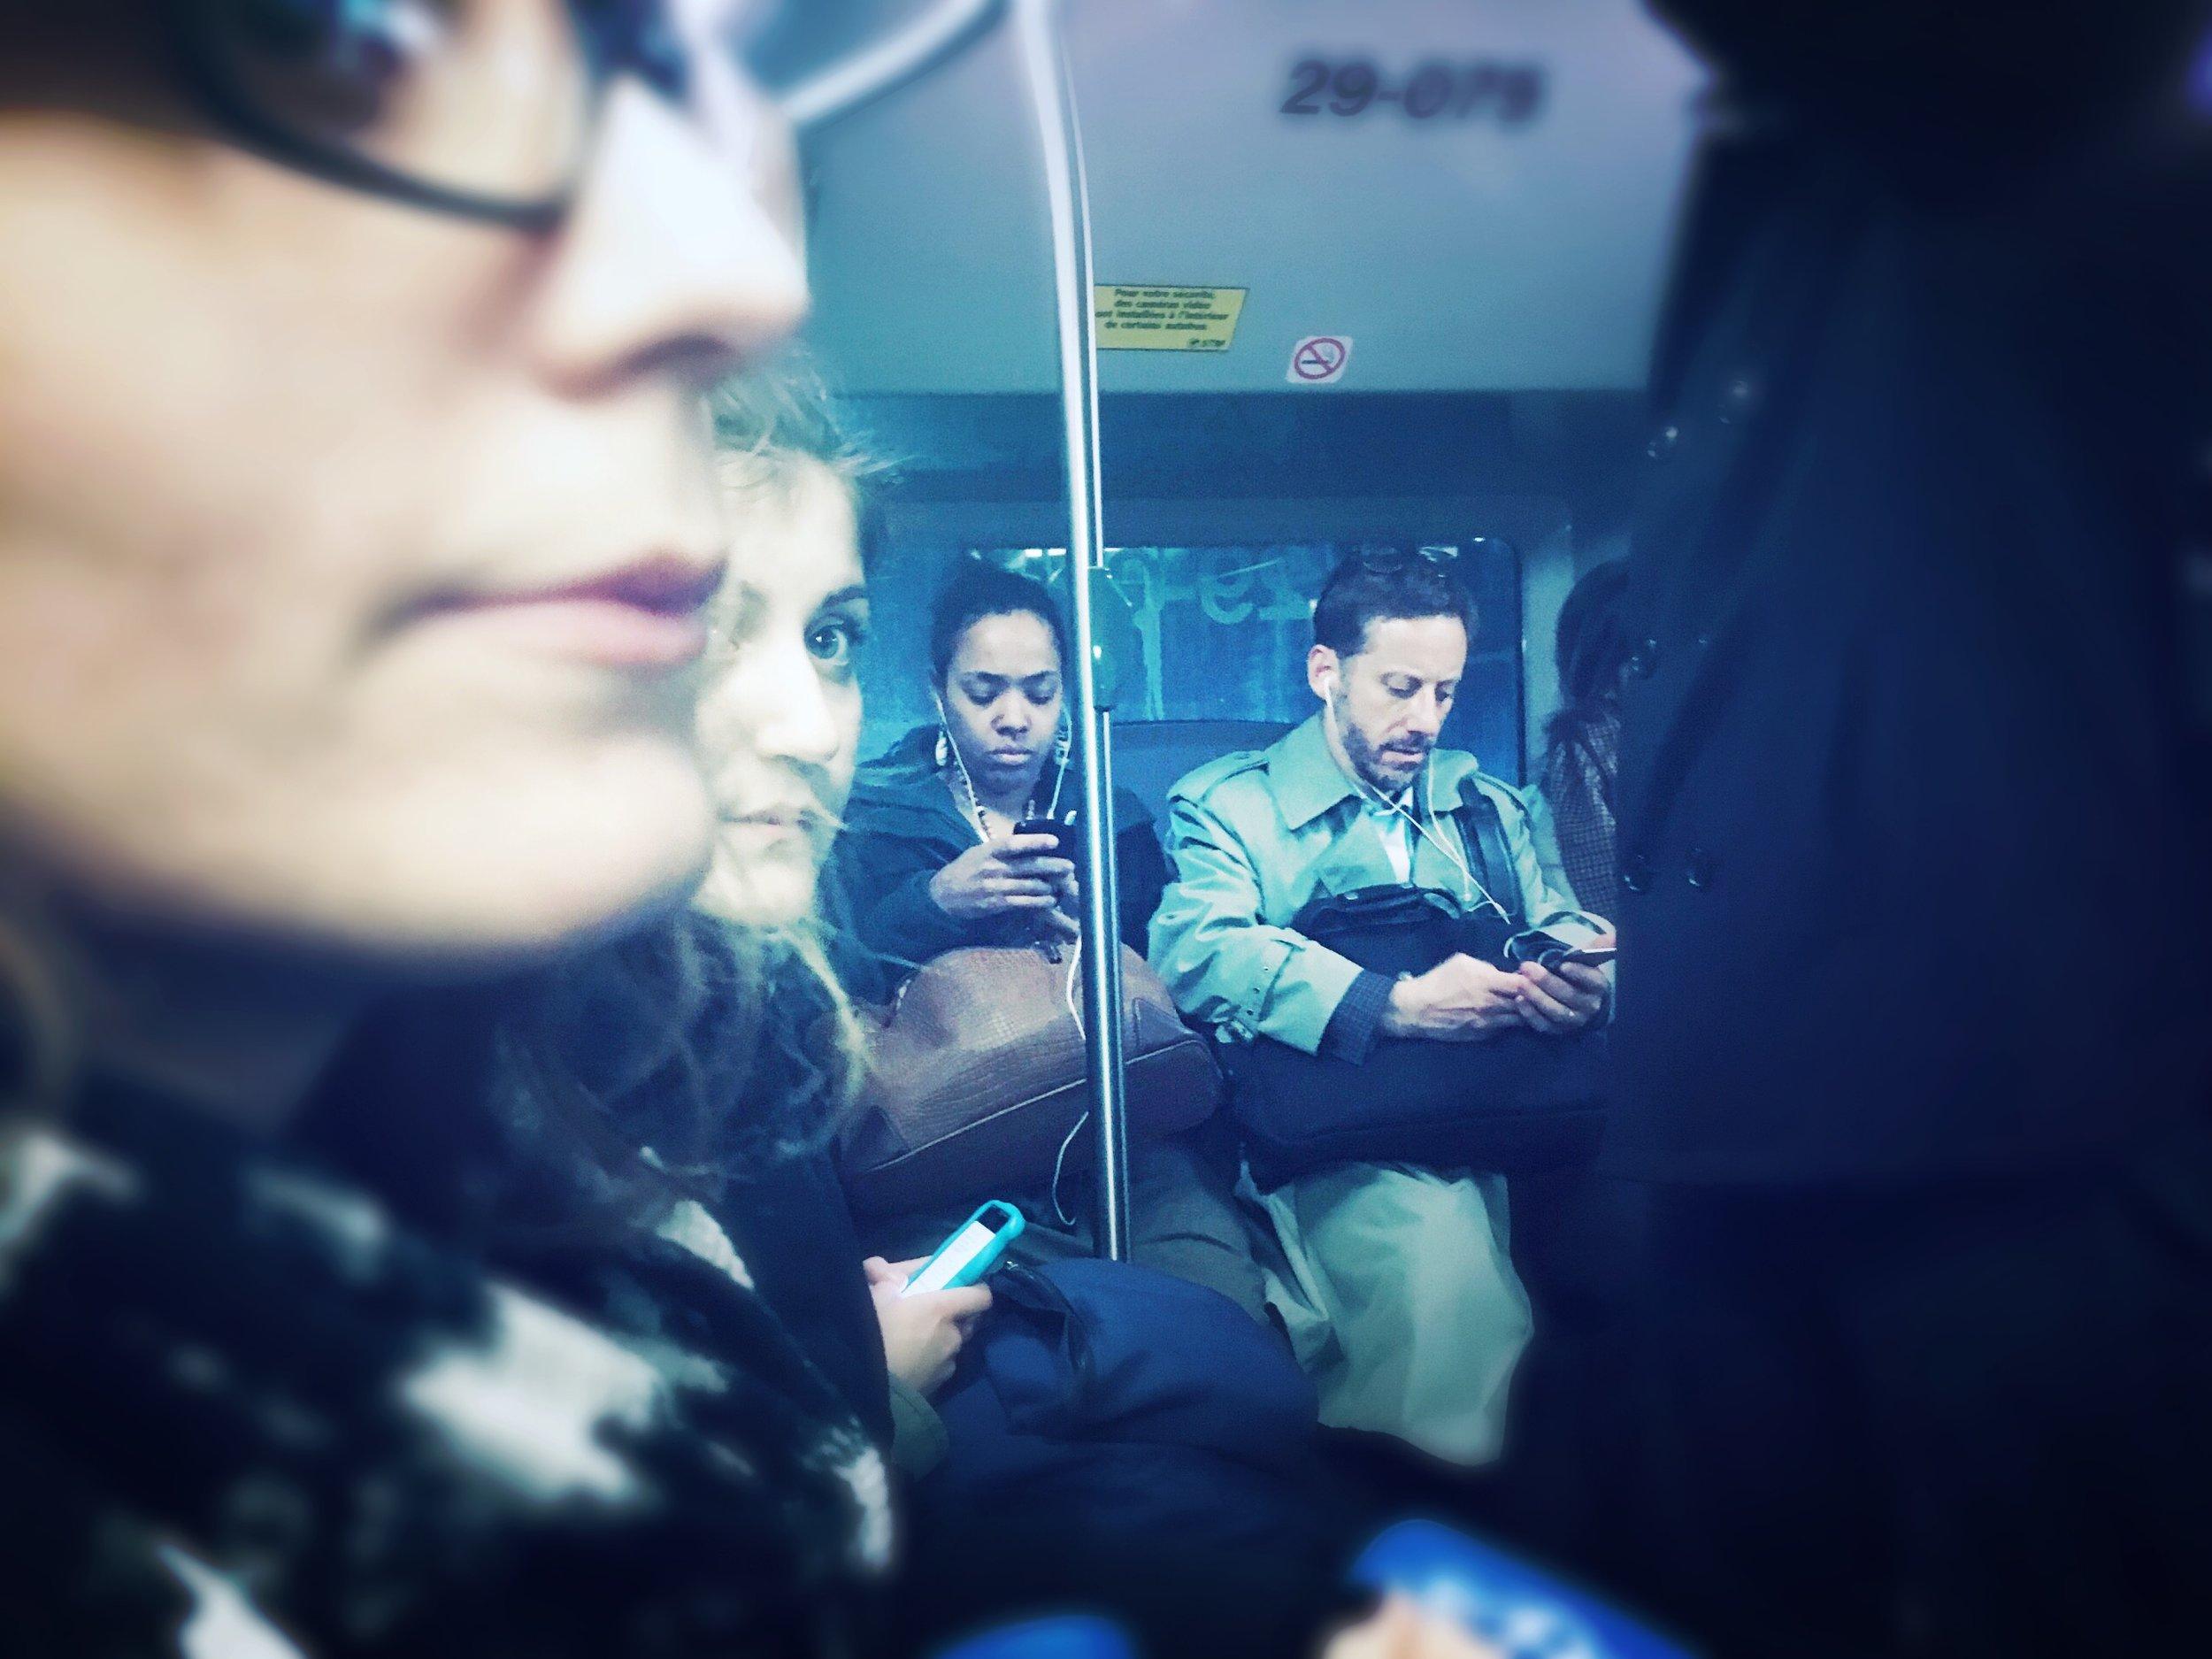 Late night bus transit